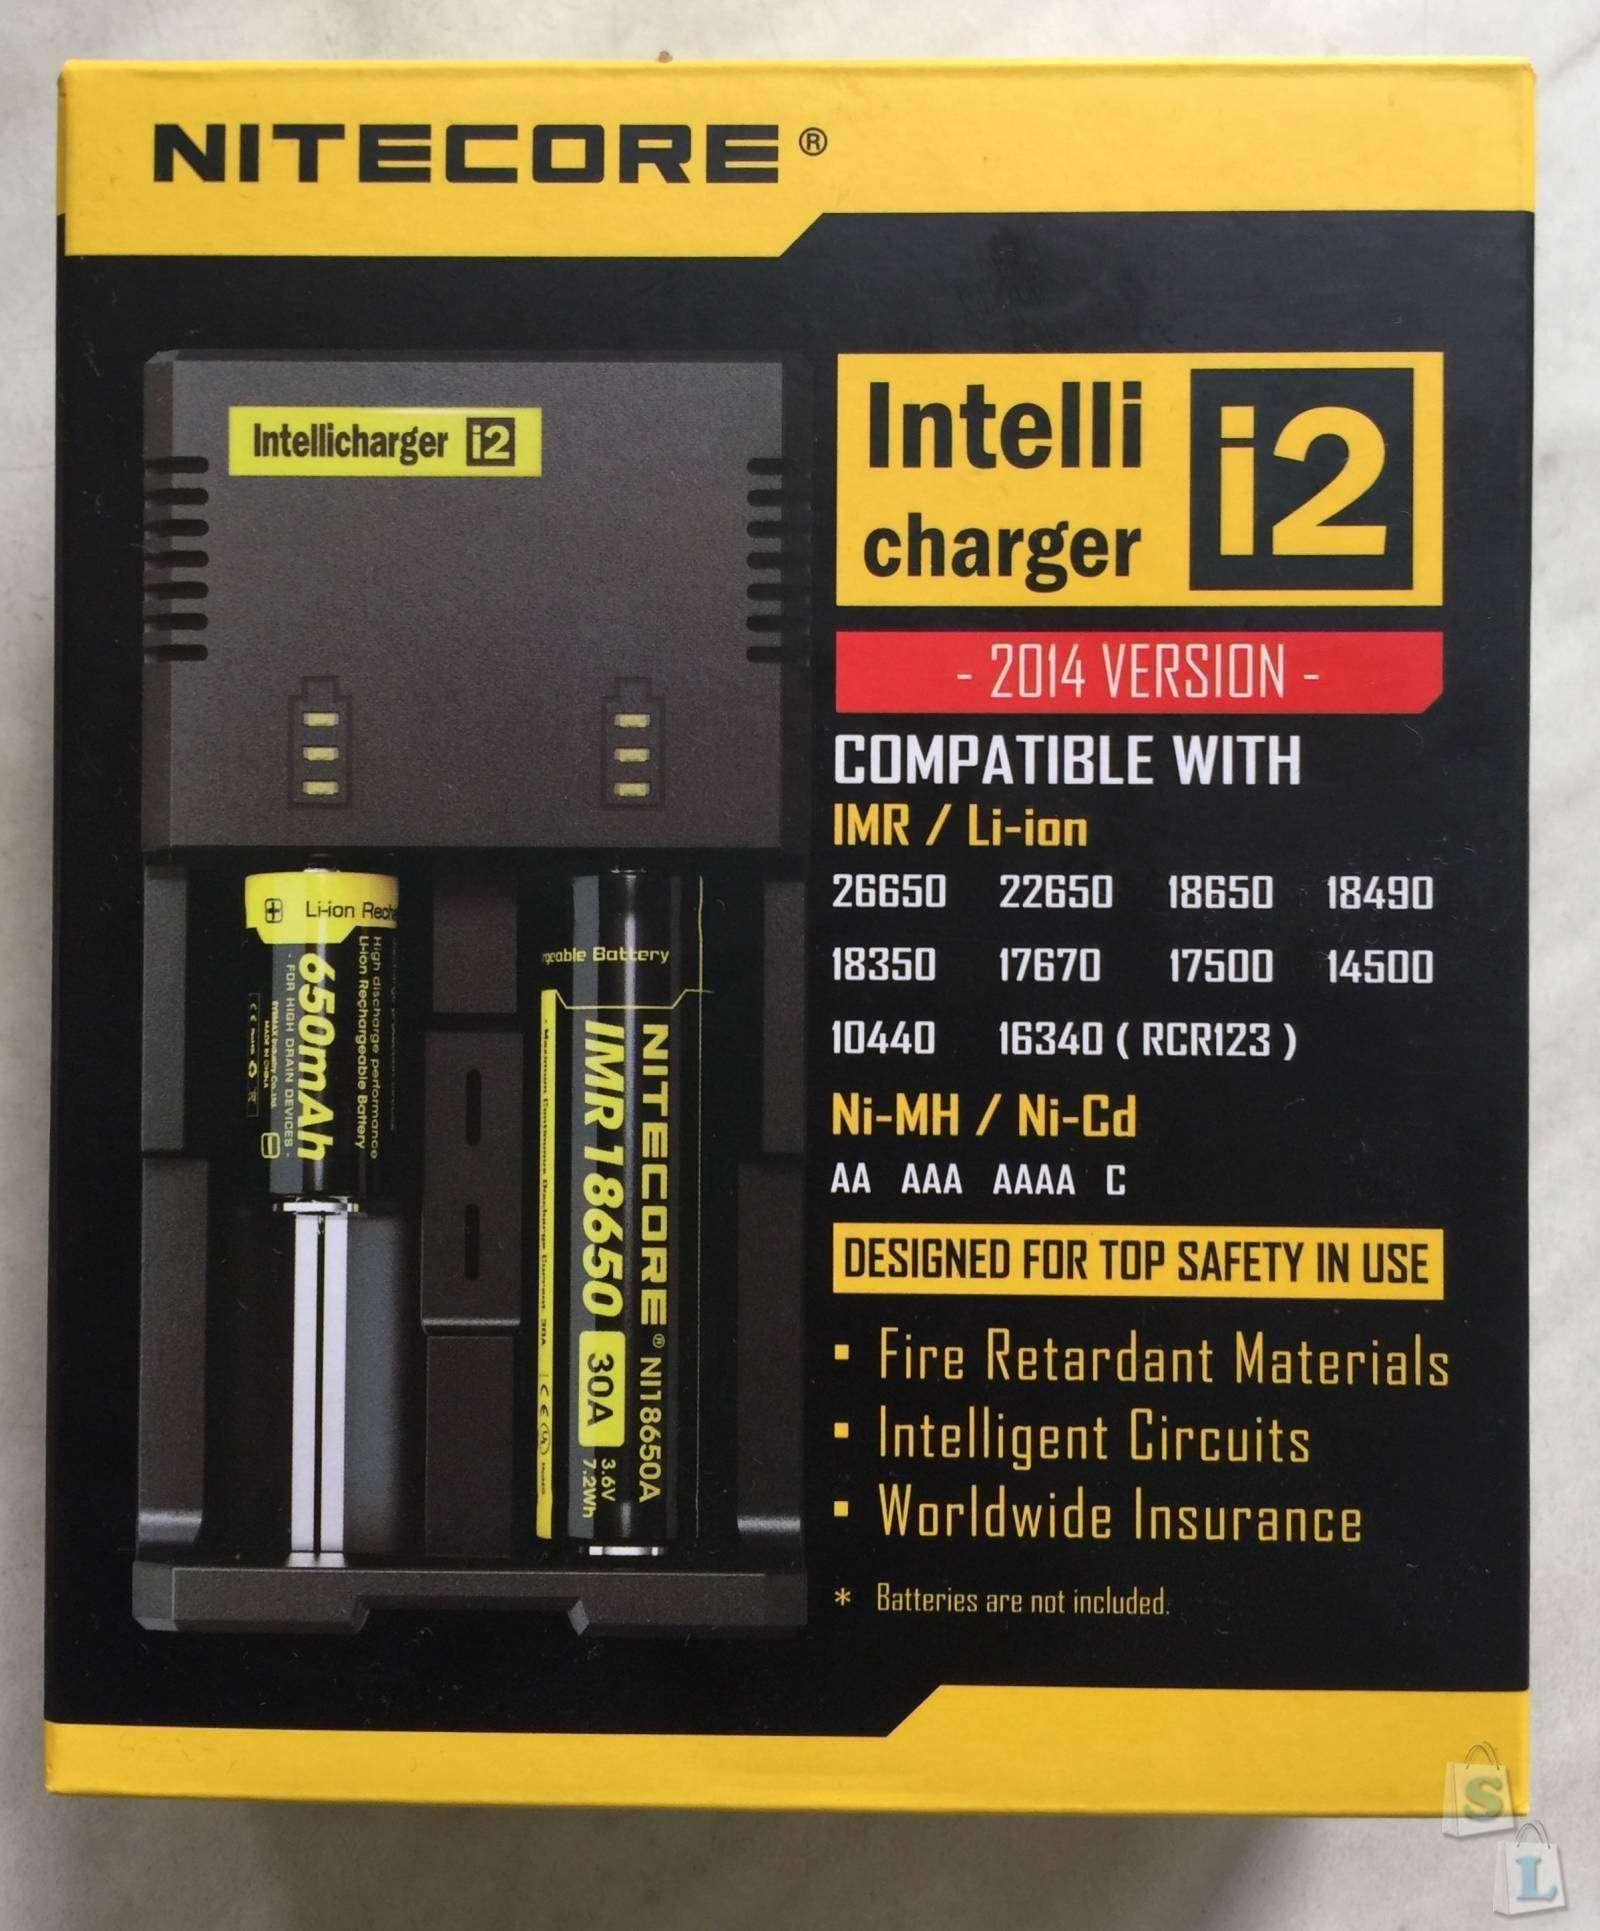 GearBest: Зарядное устройство для аккумуляторов Nitecore i2